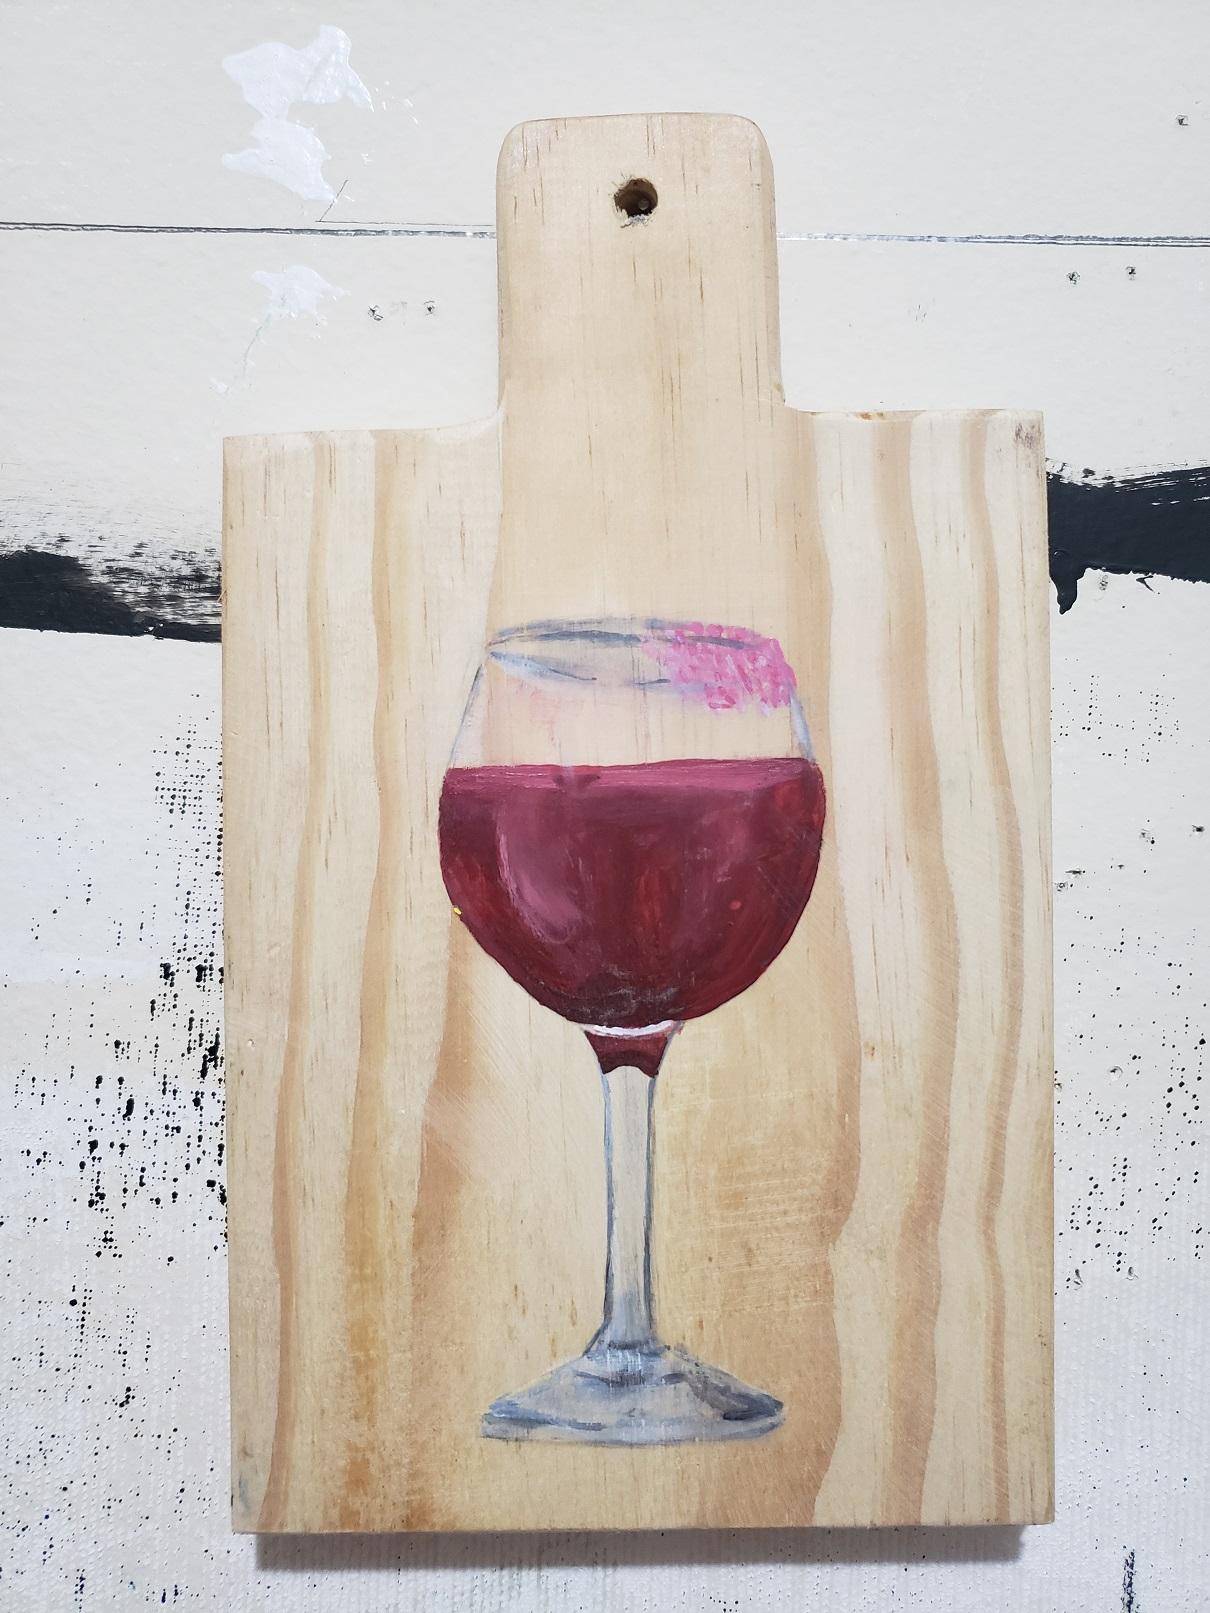 Júlia Debasse, Solidão e Gente demais - Taça de vinho, Acrílica sobre tábua de carne, 24,5 x 14,5 x 2,5 cm, 2020